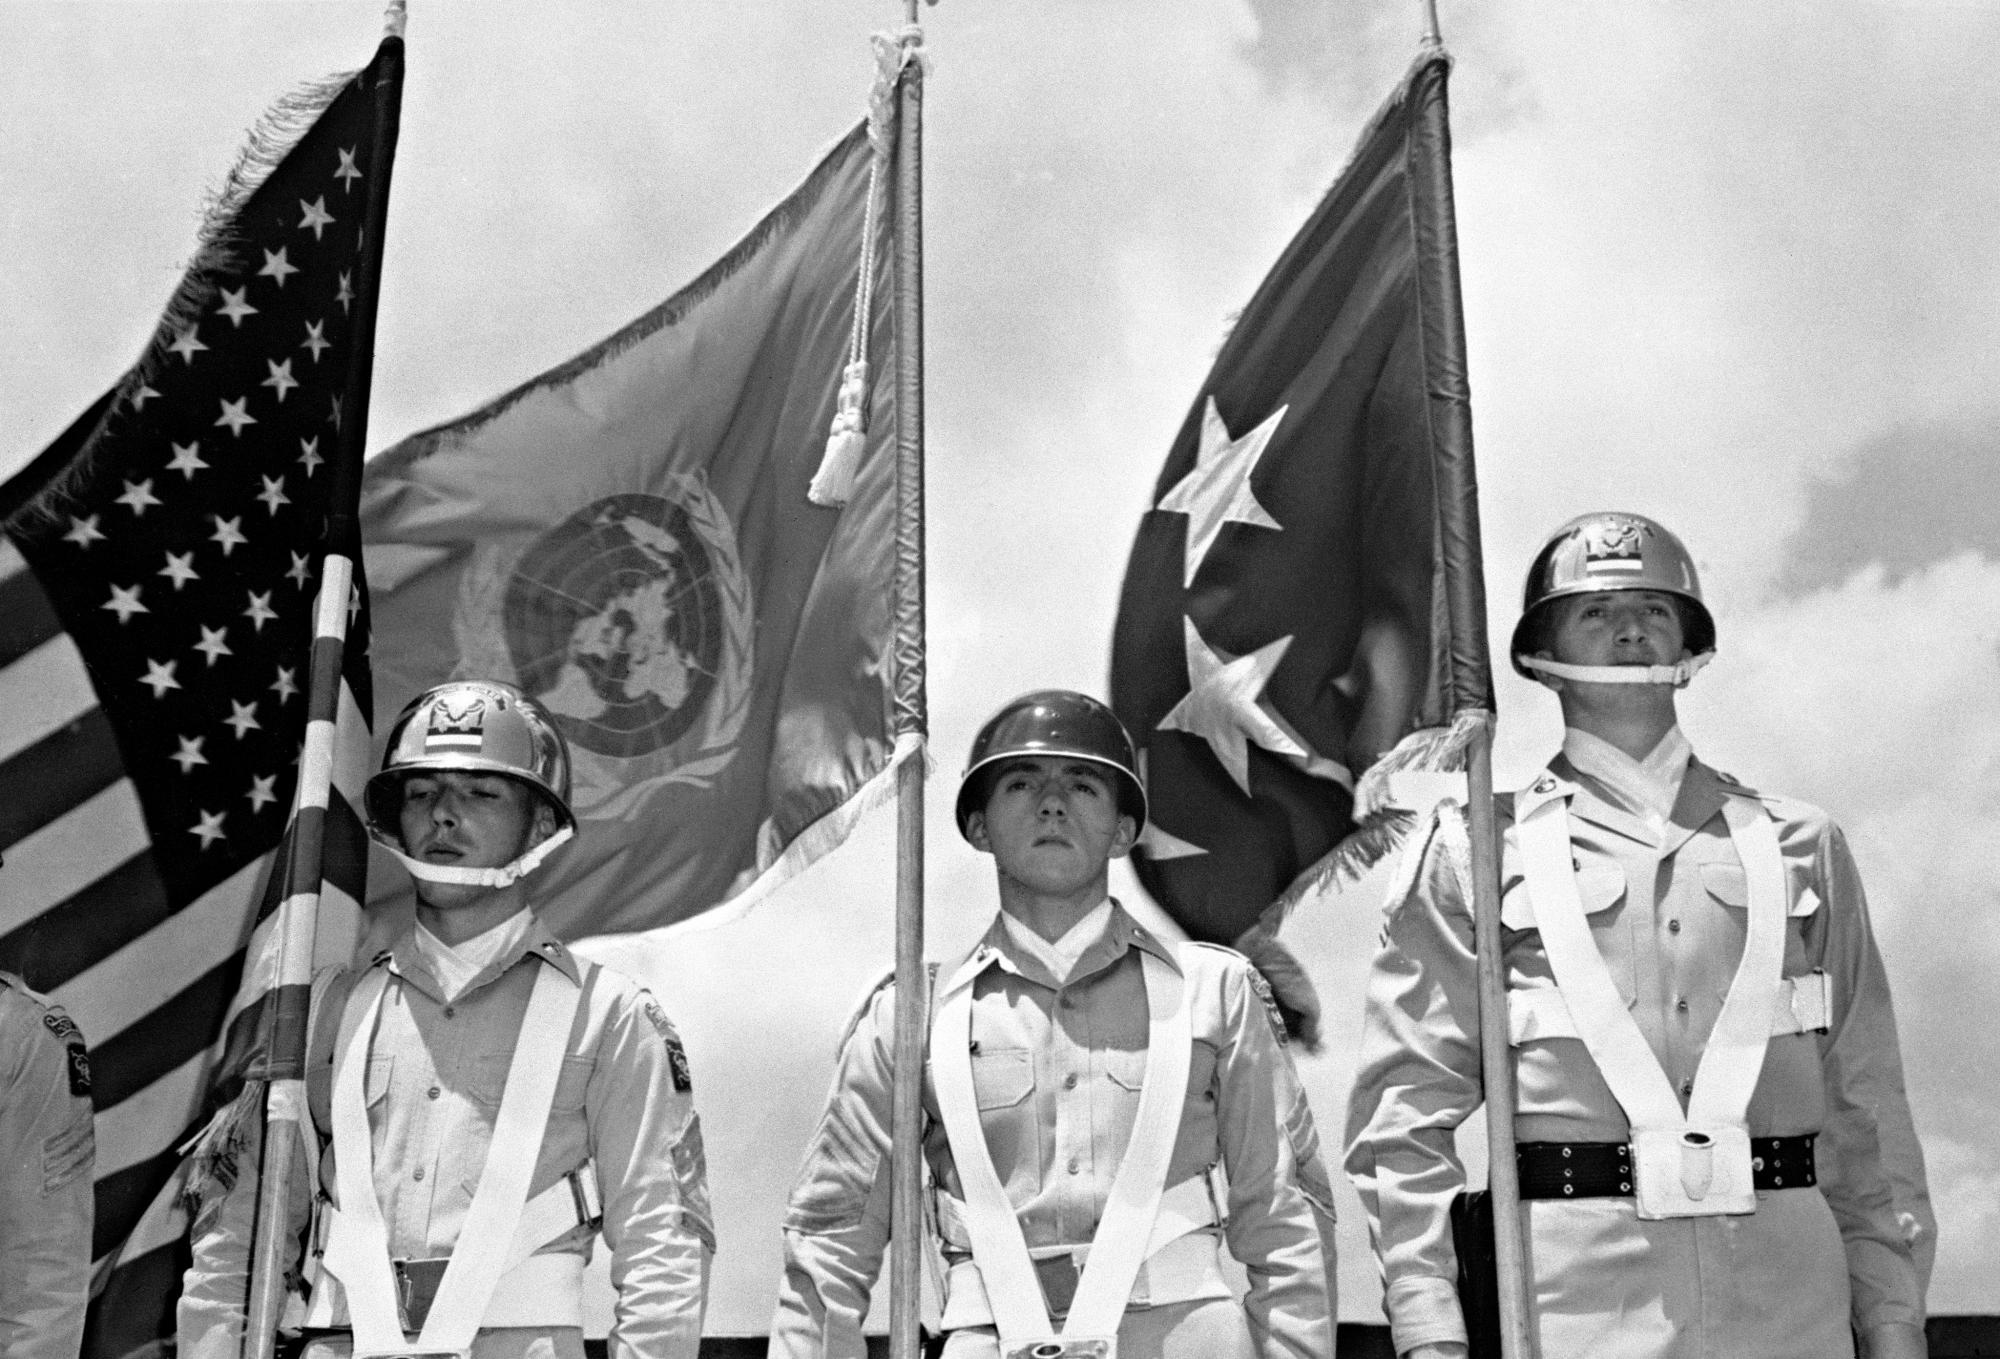 الحرب الكورية - حرب اندلعت على الحدود بين جمهورية كوريا الشعبية الديمقراطية في الشمال وجمهورية كوريا الجنوبية المدعومة غربيًا